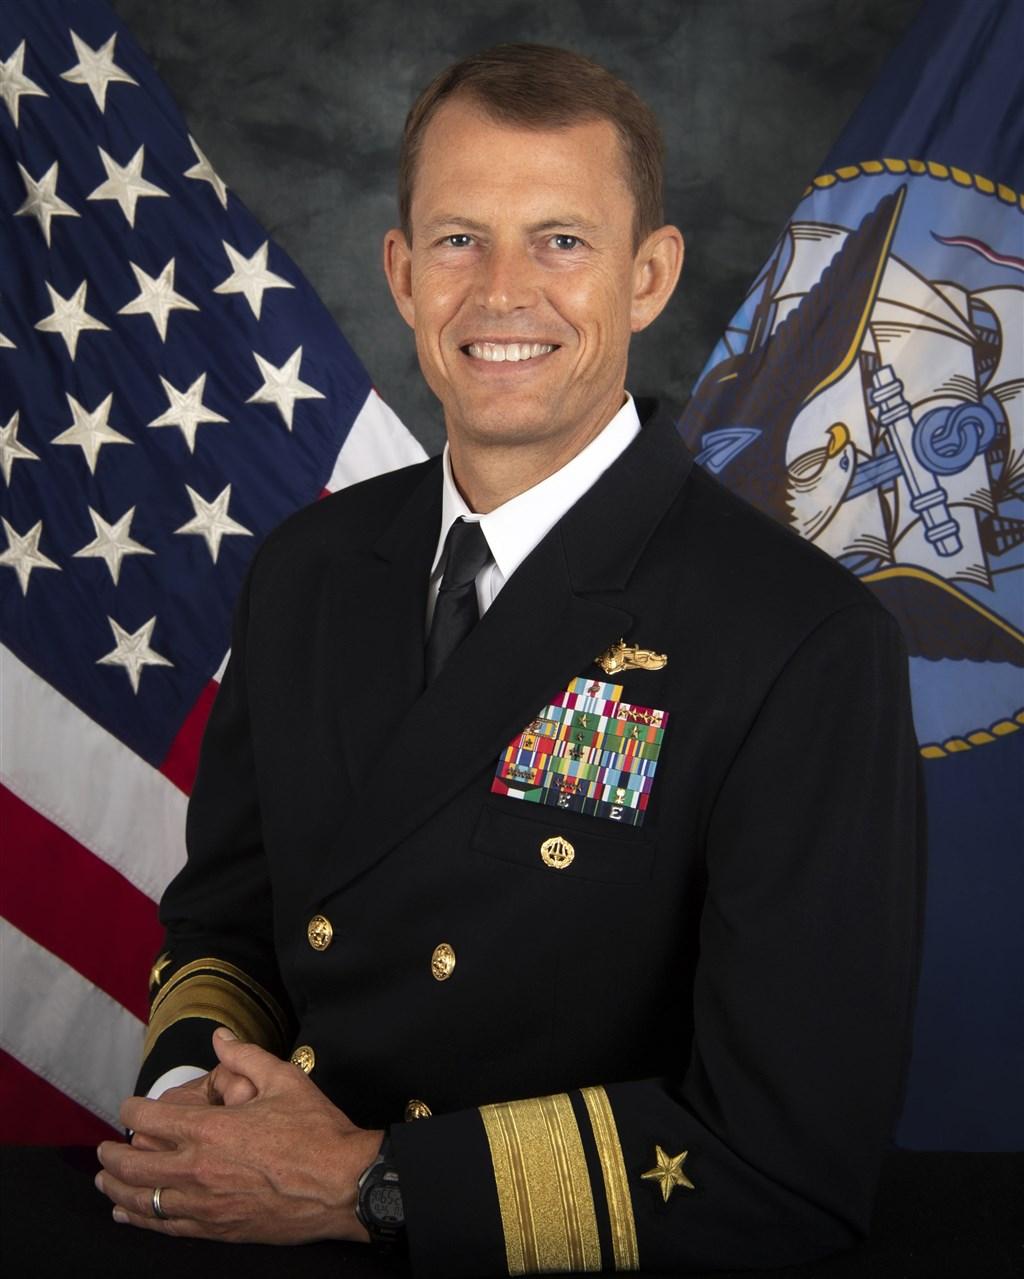 路透社引述兩名消息人士說法指出,負責美國在亞太地區軍事情報的海軍少將史都德曼低調來台灣訪問。(圖取自美國海軍網頁www.navy.mil)